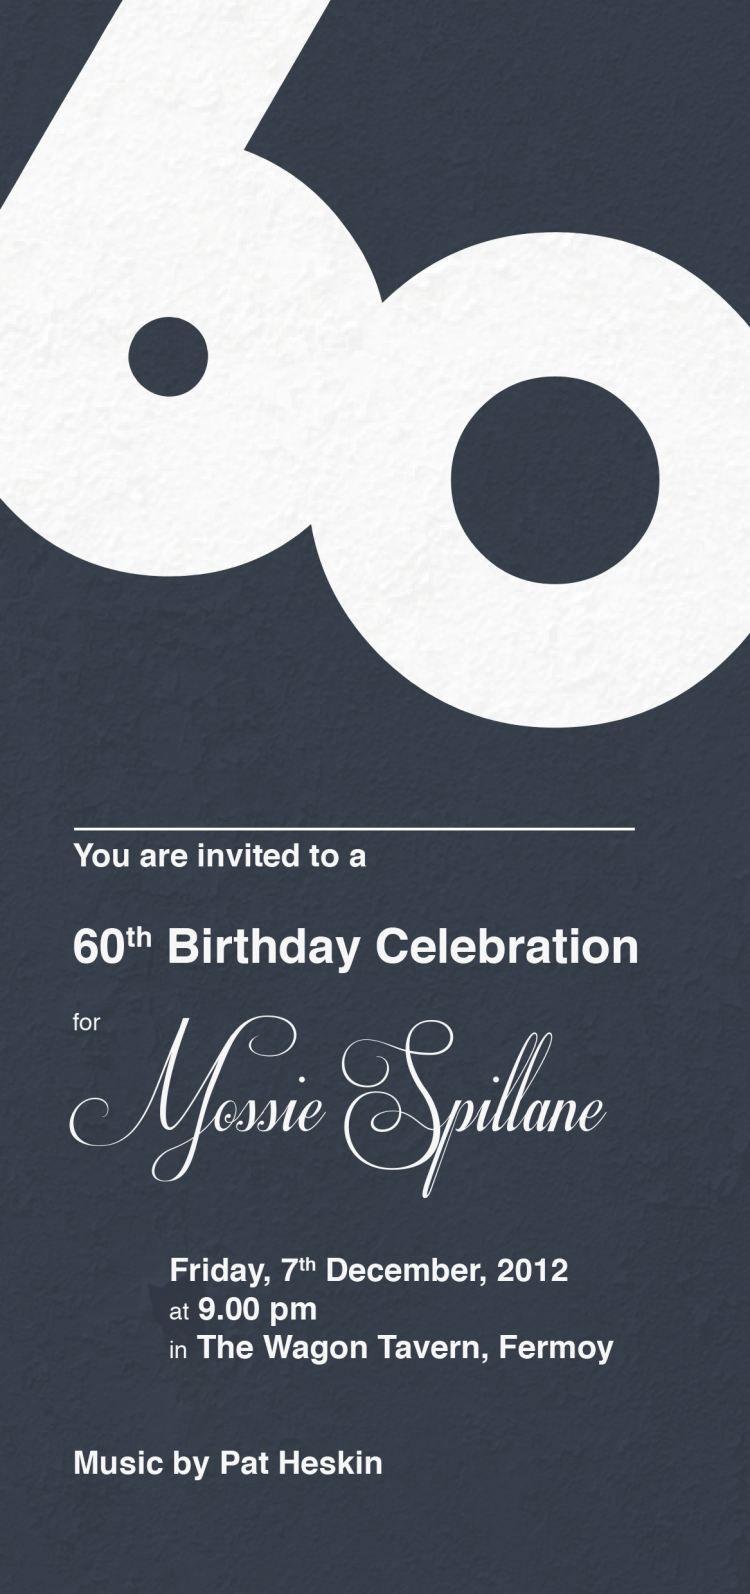 Anniversaire 60 Ans 55 Idees Sur Les Invitations Originales 60 Ans Anniversaire Invitation Anniversaire 60 Ans Invitation Anniversaire